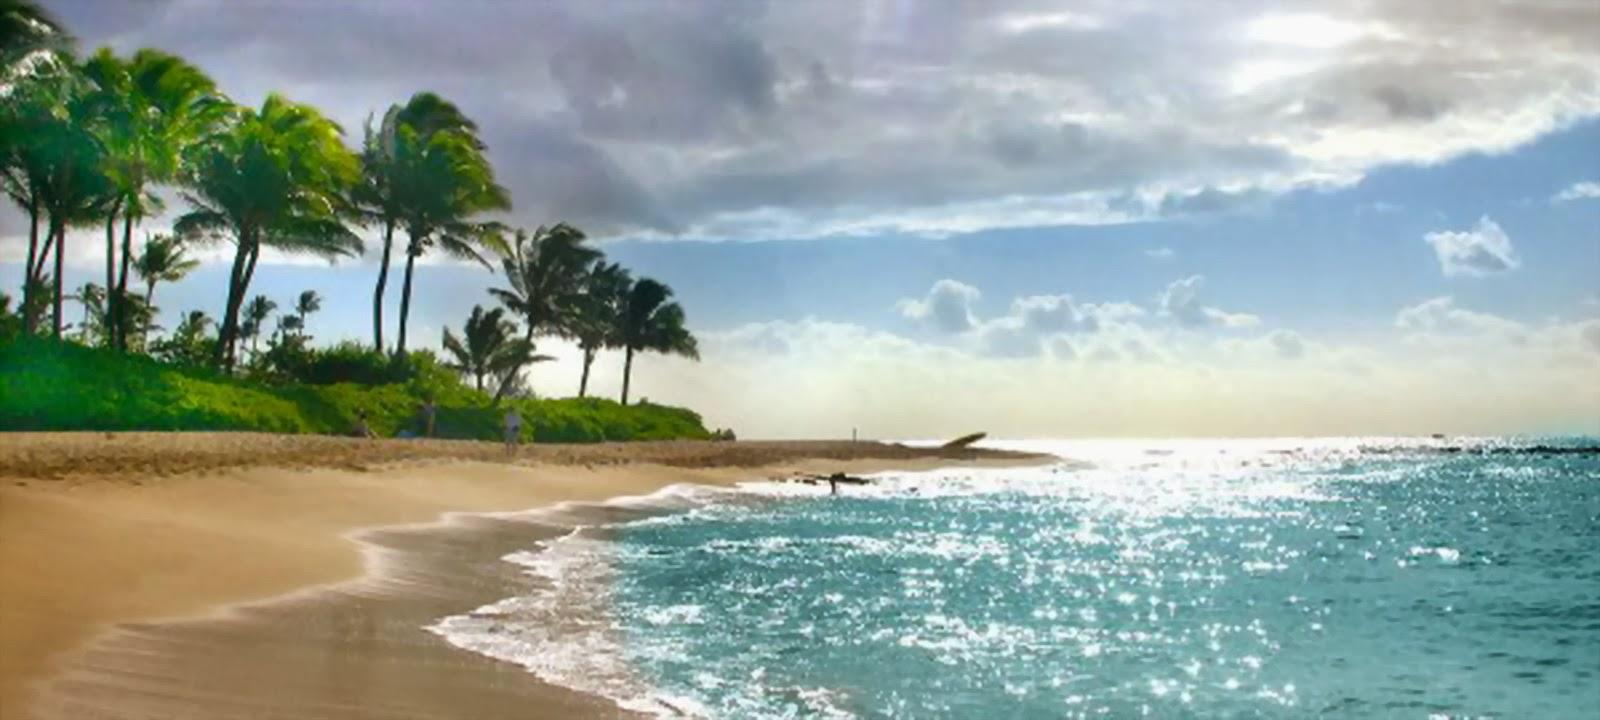 Pemandangan Pantai Yang Indah, Browse Info On Pemandangan